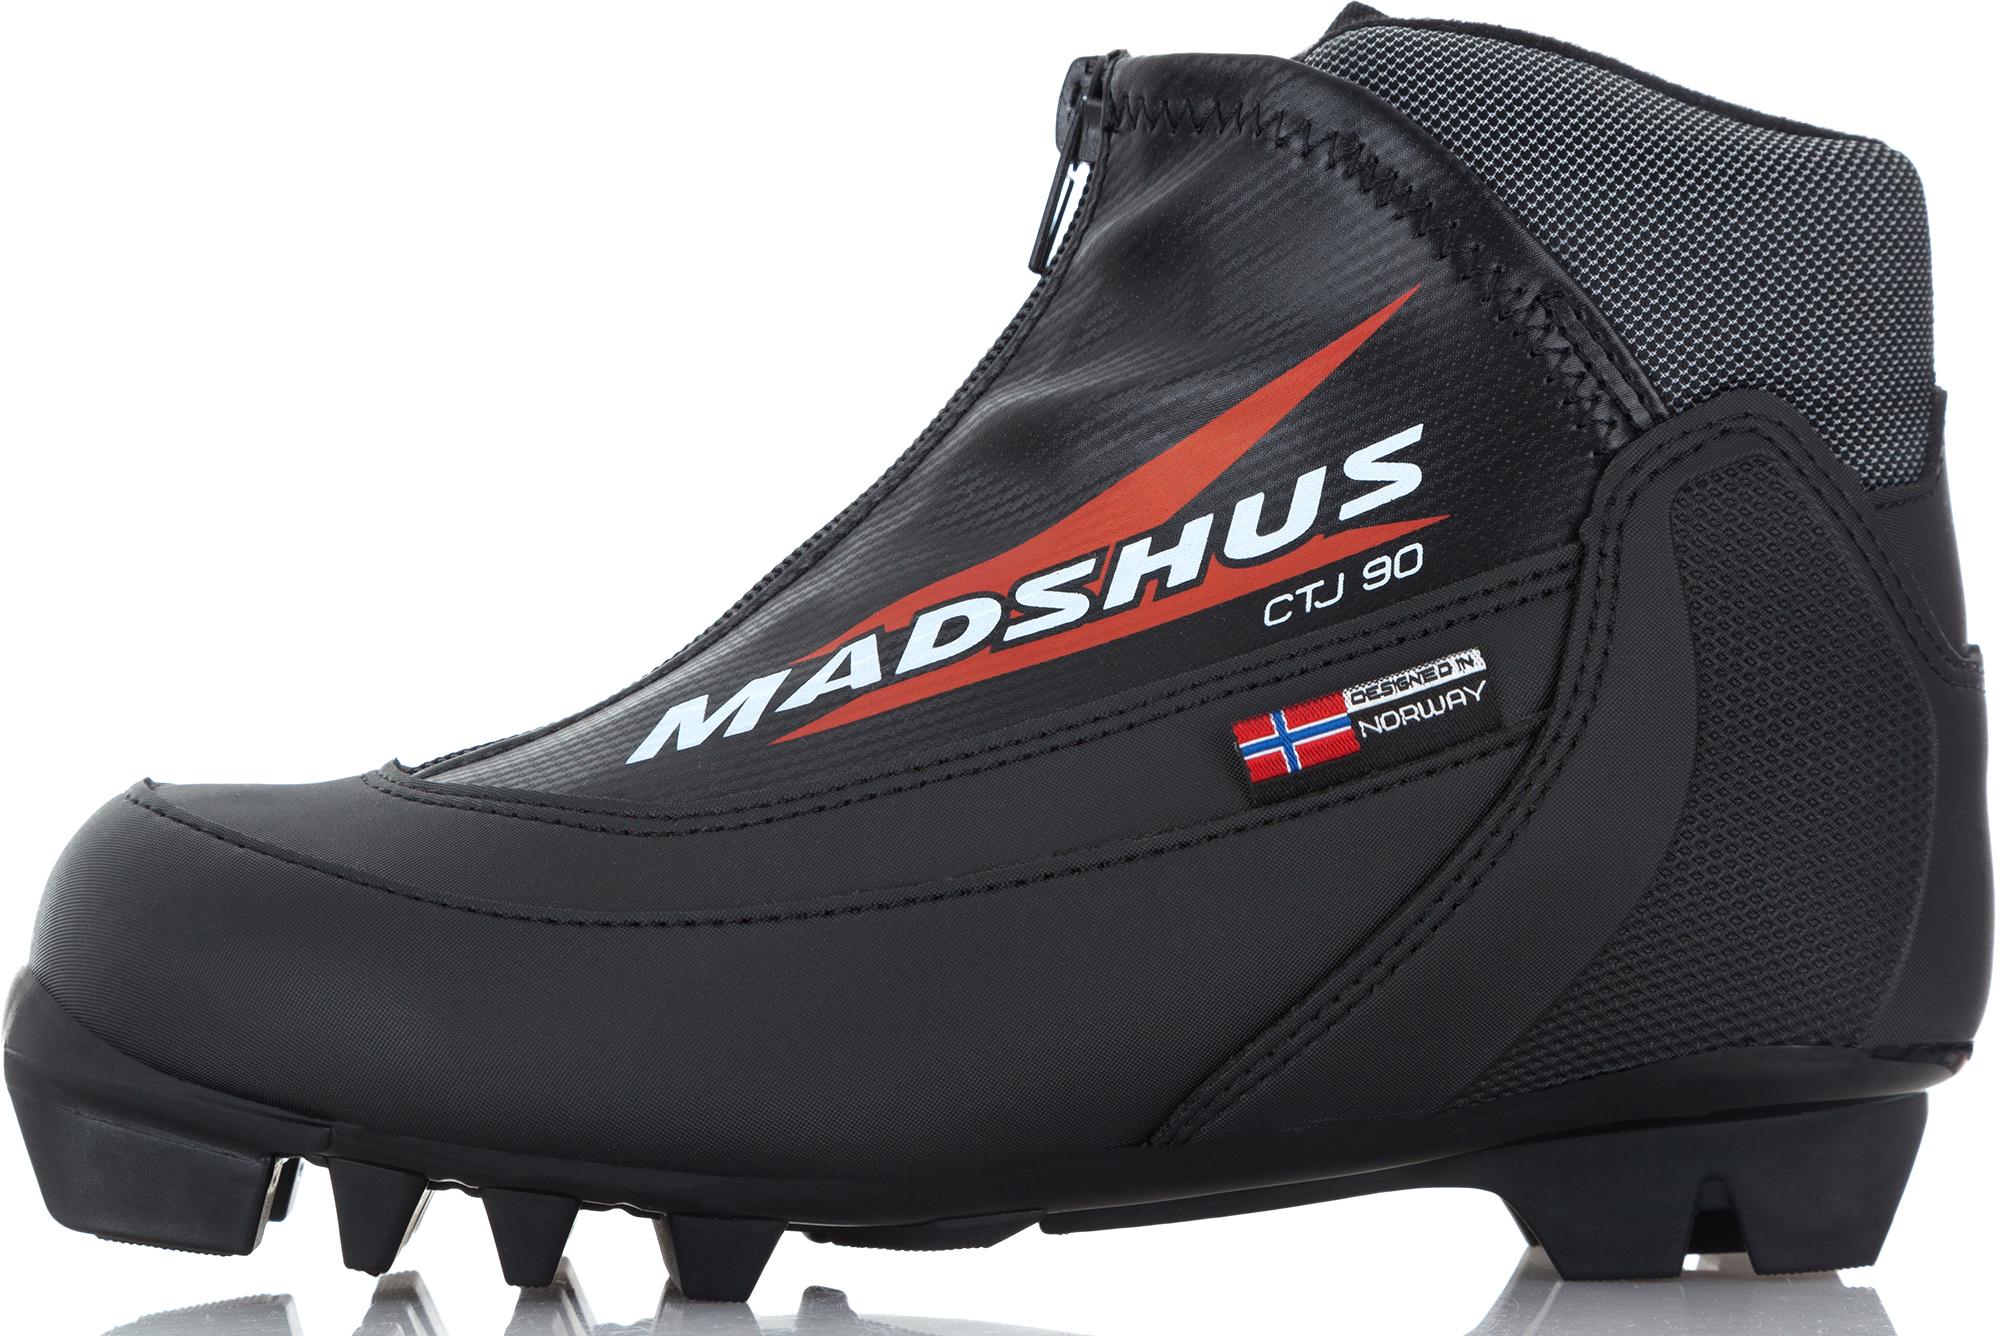 цена на Madshus Ботинки для беговых лыж детские Madshus CT-90 Jr